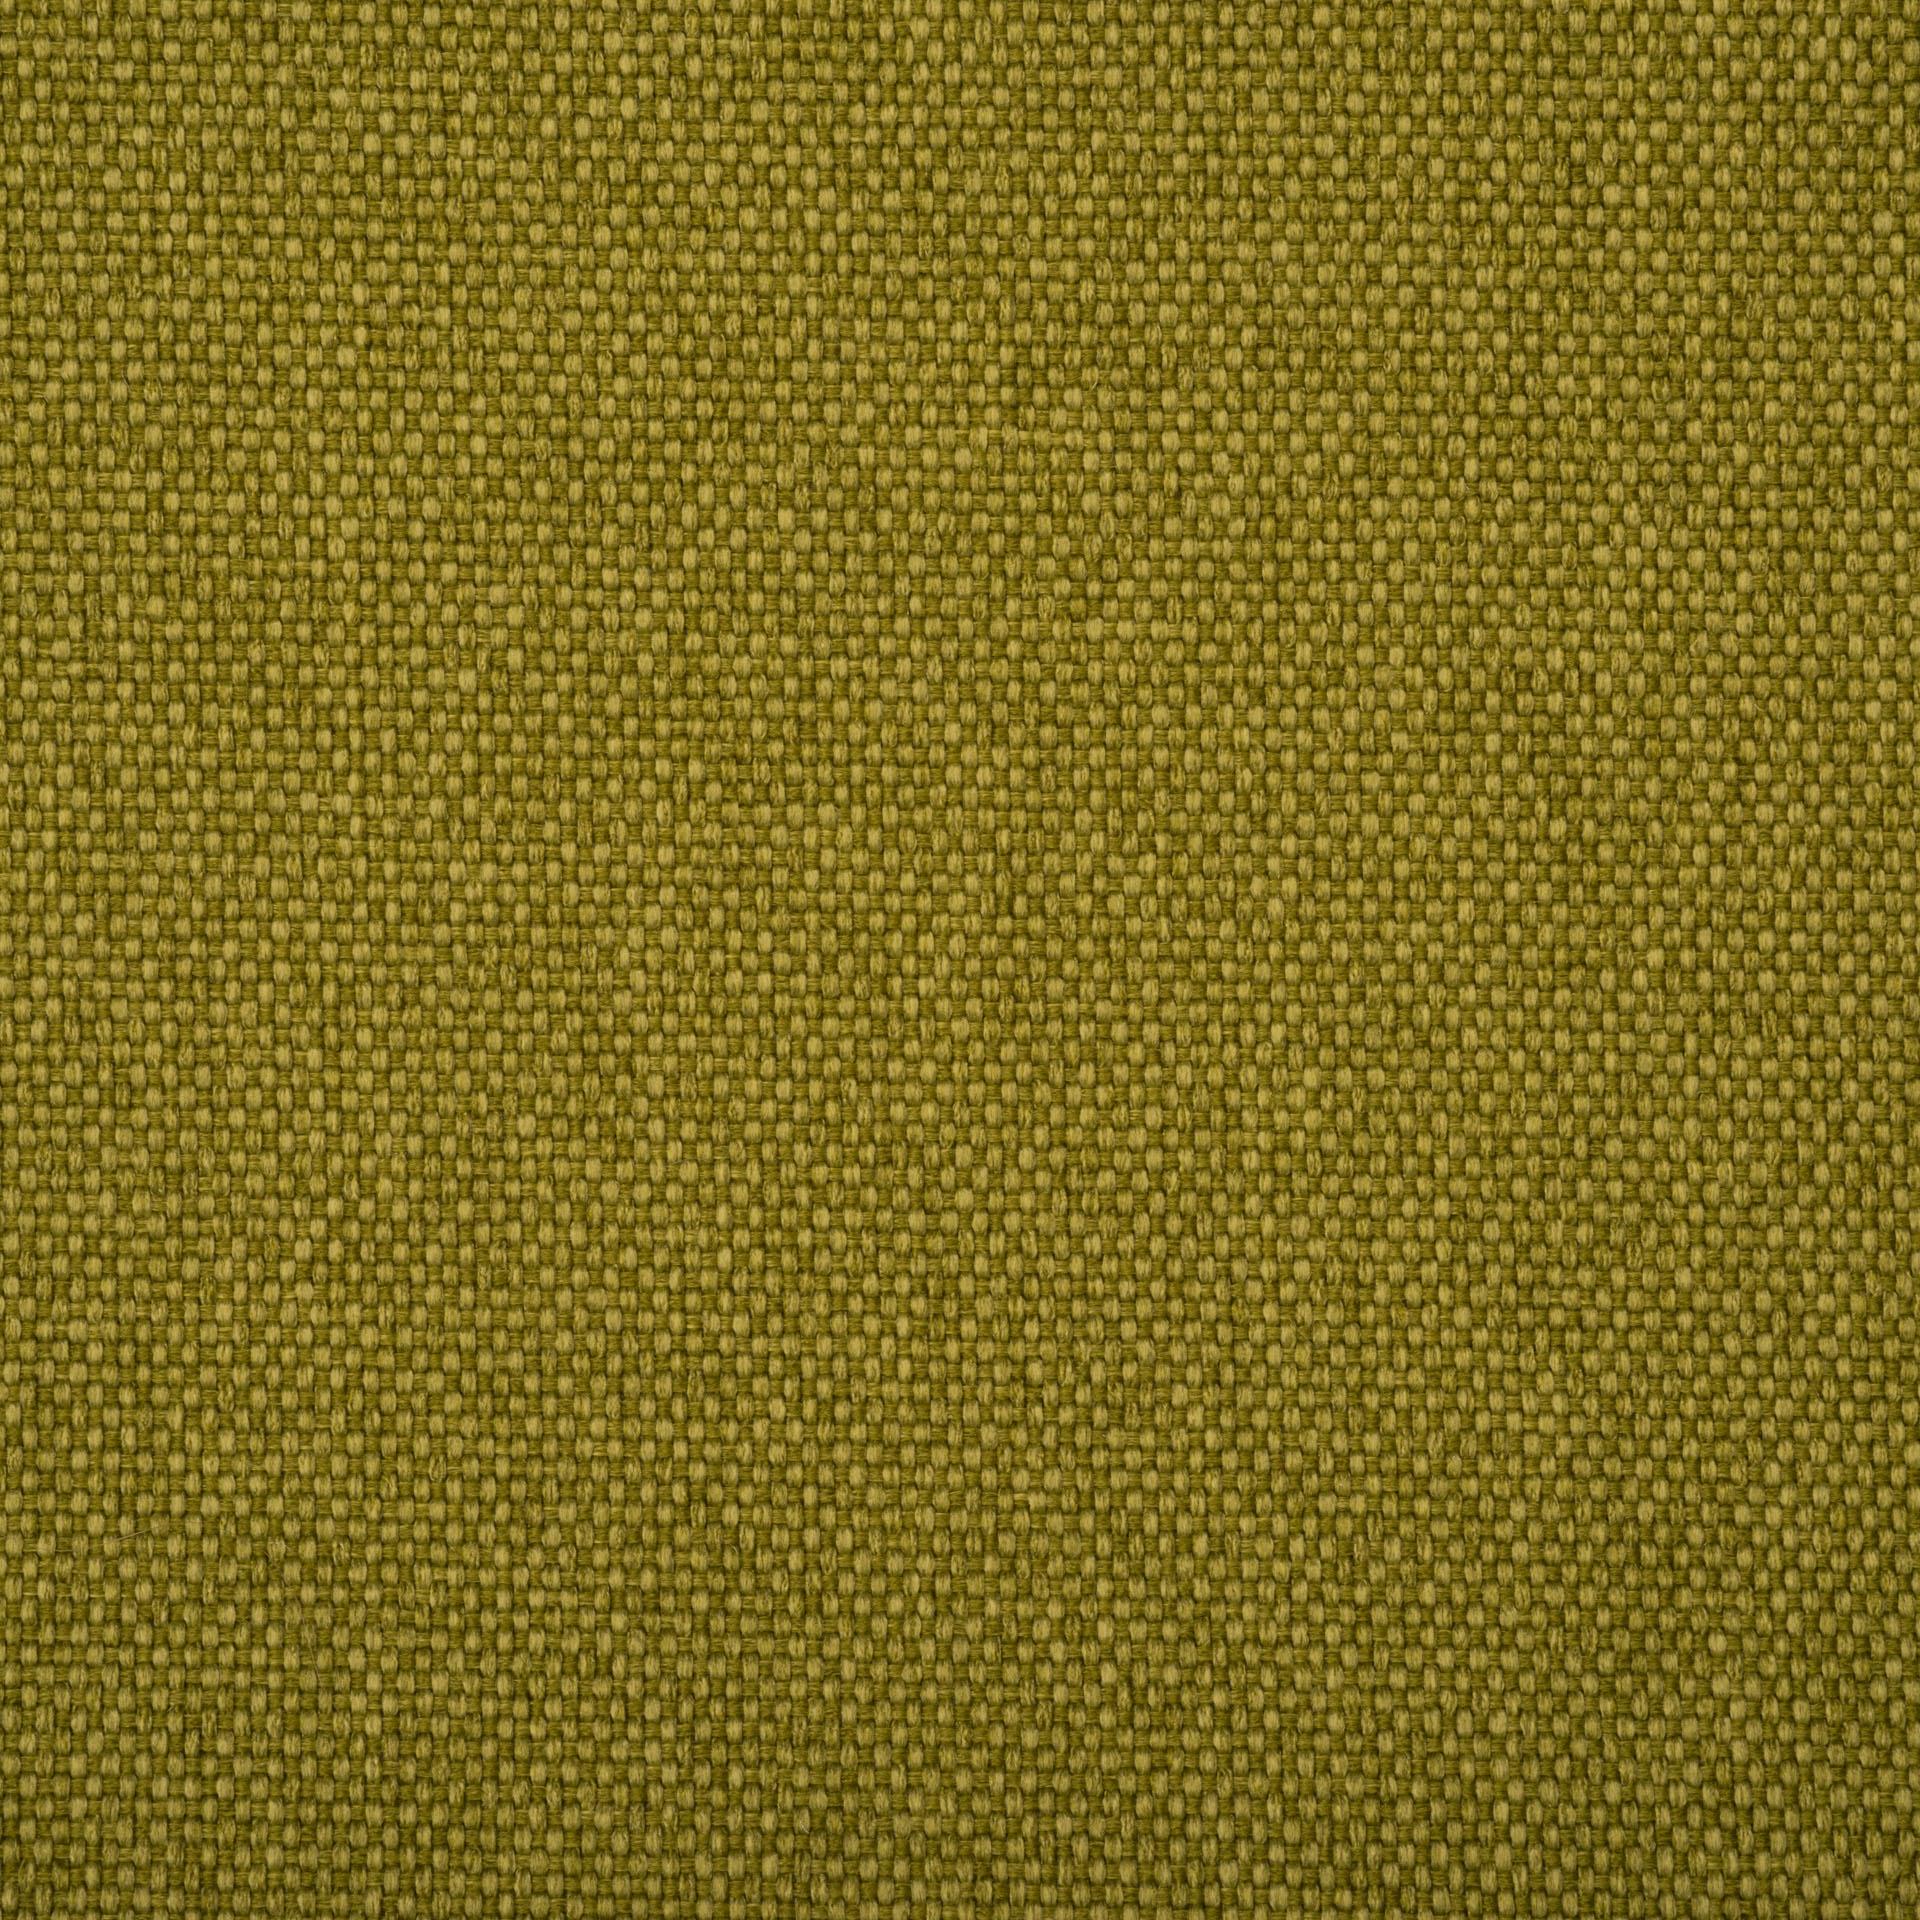 Коллекция ткани Багама 17 Green,  купить ткань Жаккард для мебели Украина